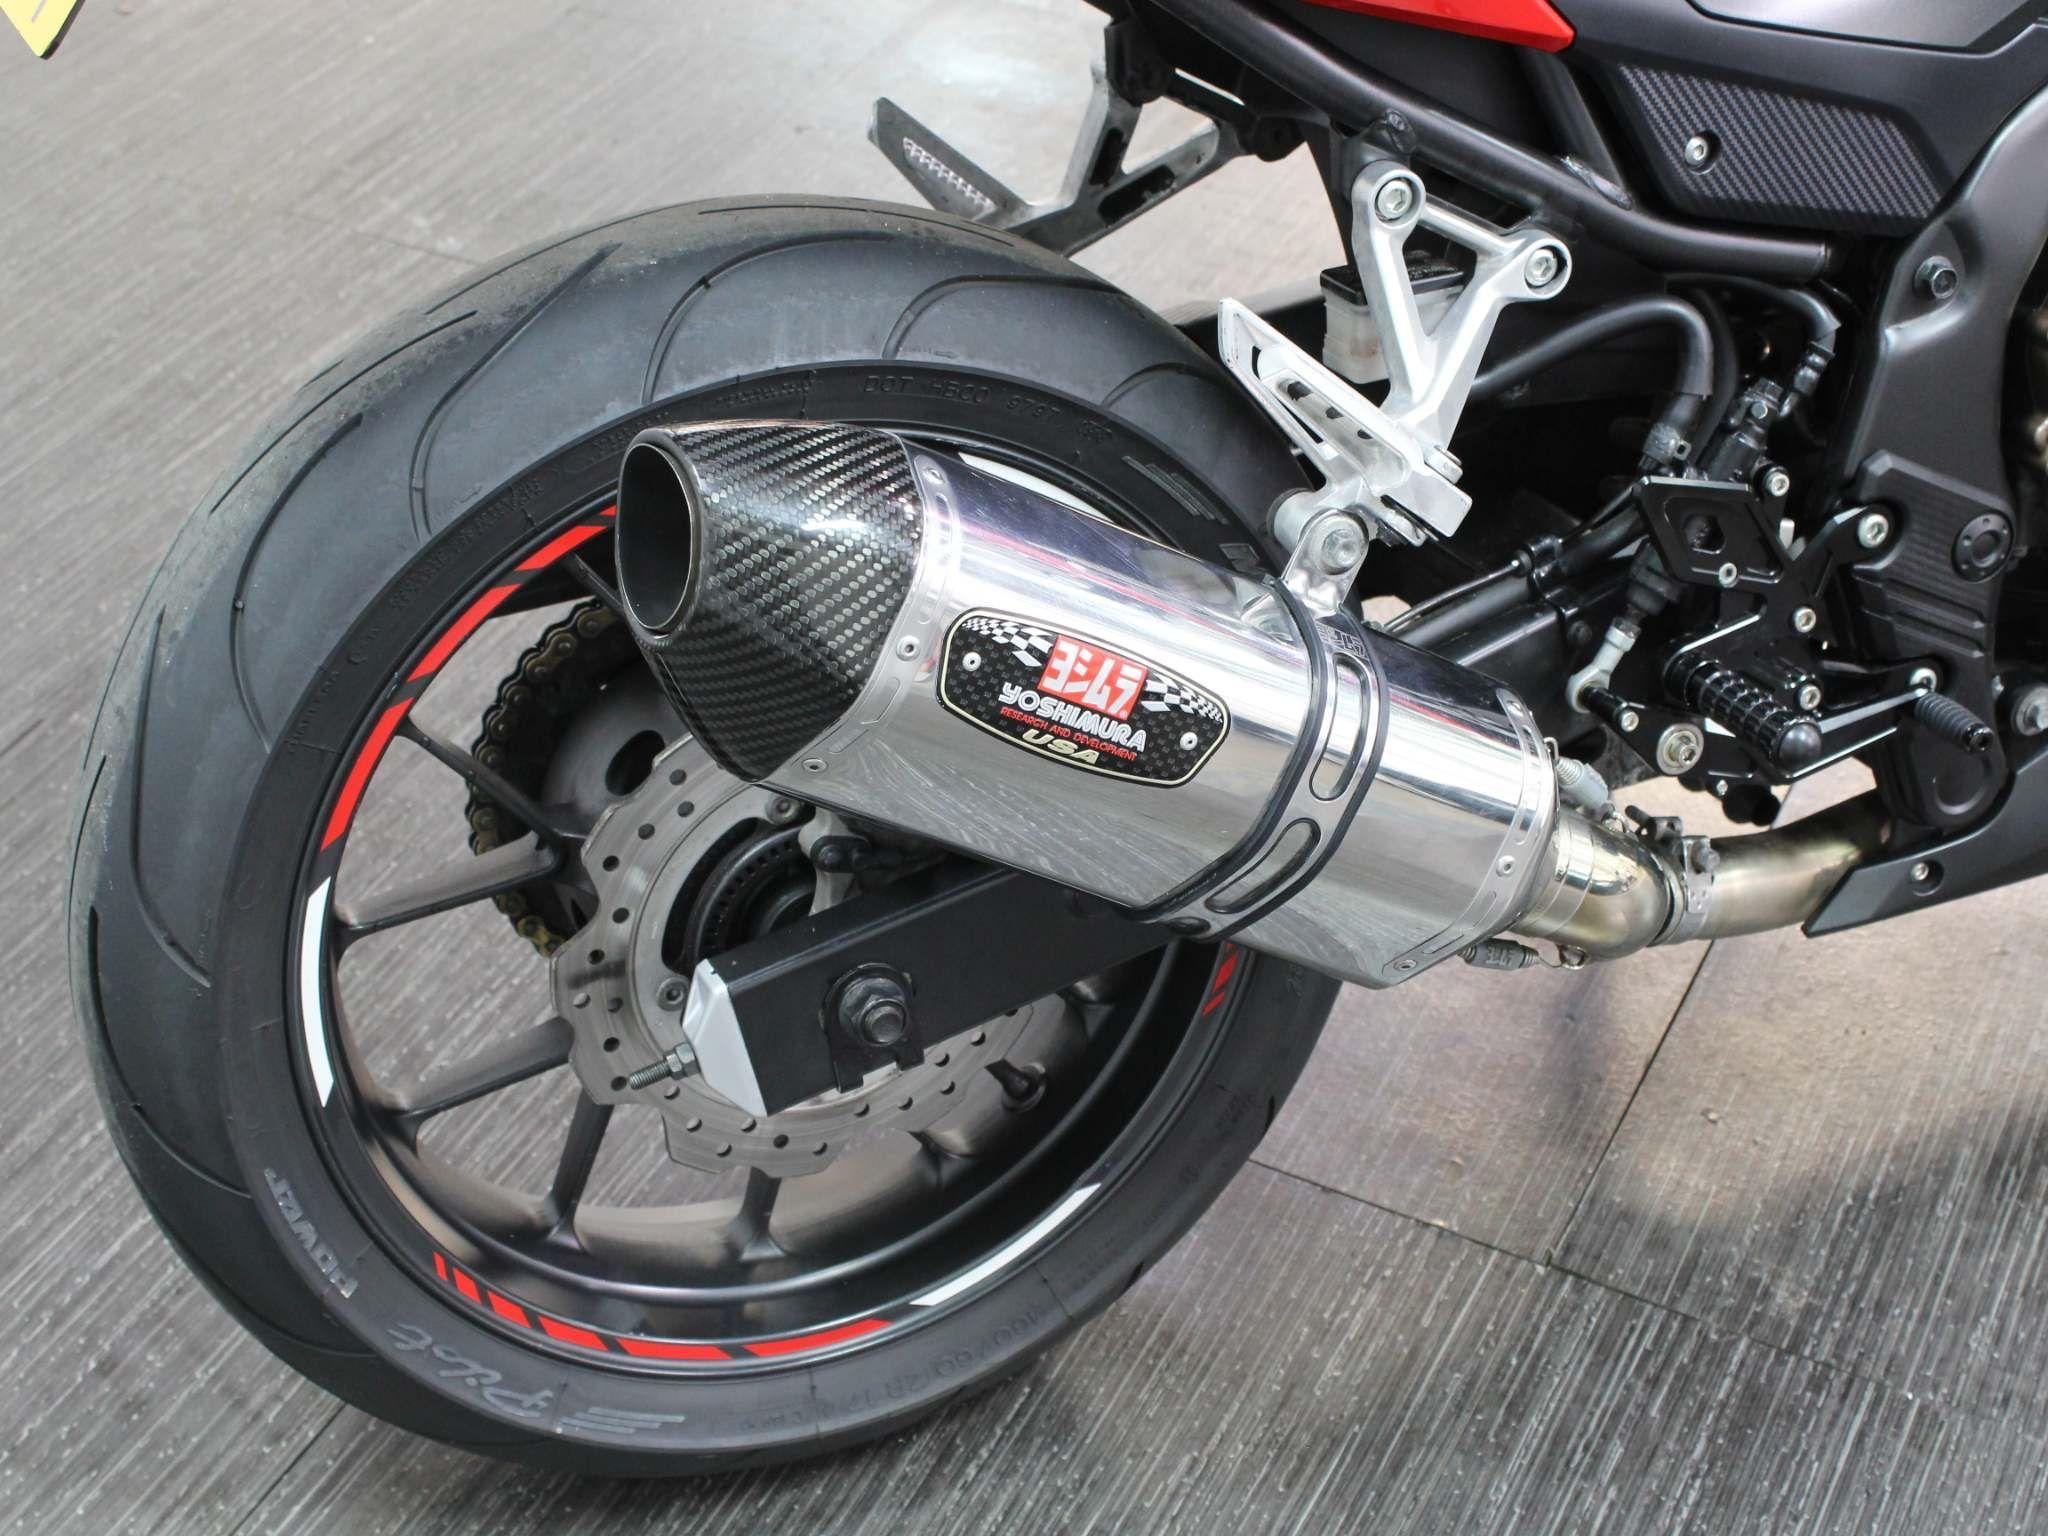 Honda CBR500 Images